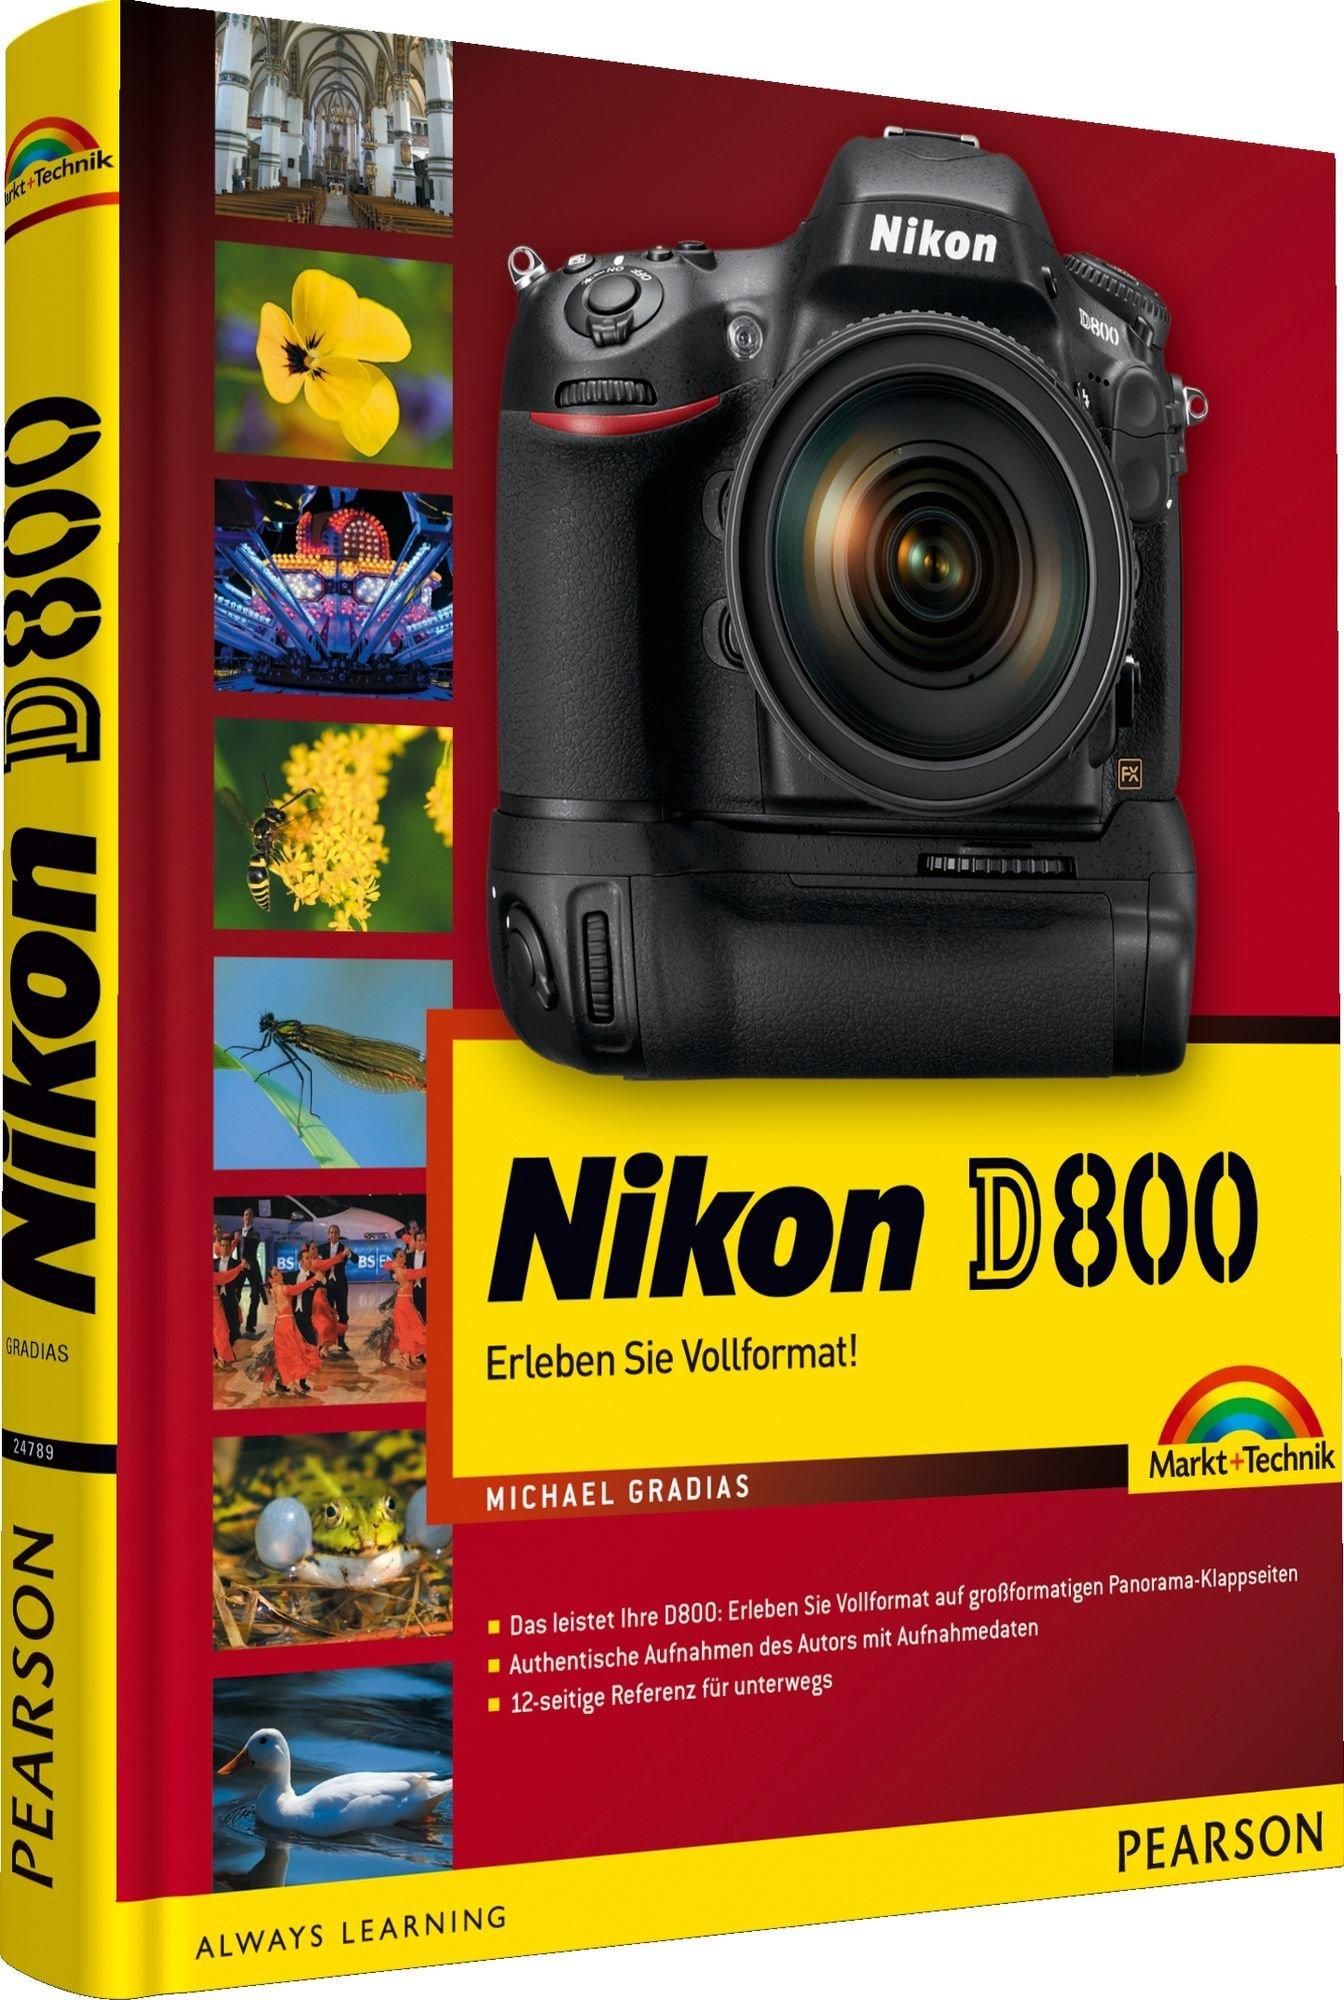 Nikon D800 - mit 12-seitiger Klappkarte: Erleben Sie Vollformat! Mit 12-seitigem Pocket Guide